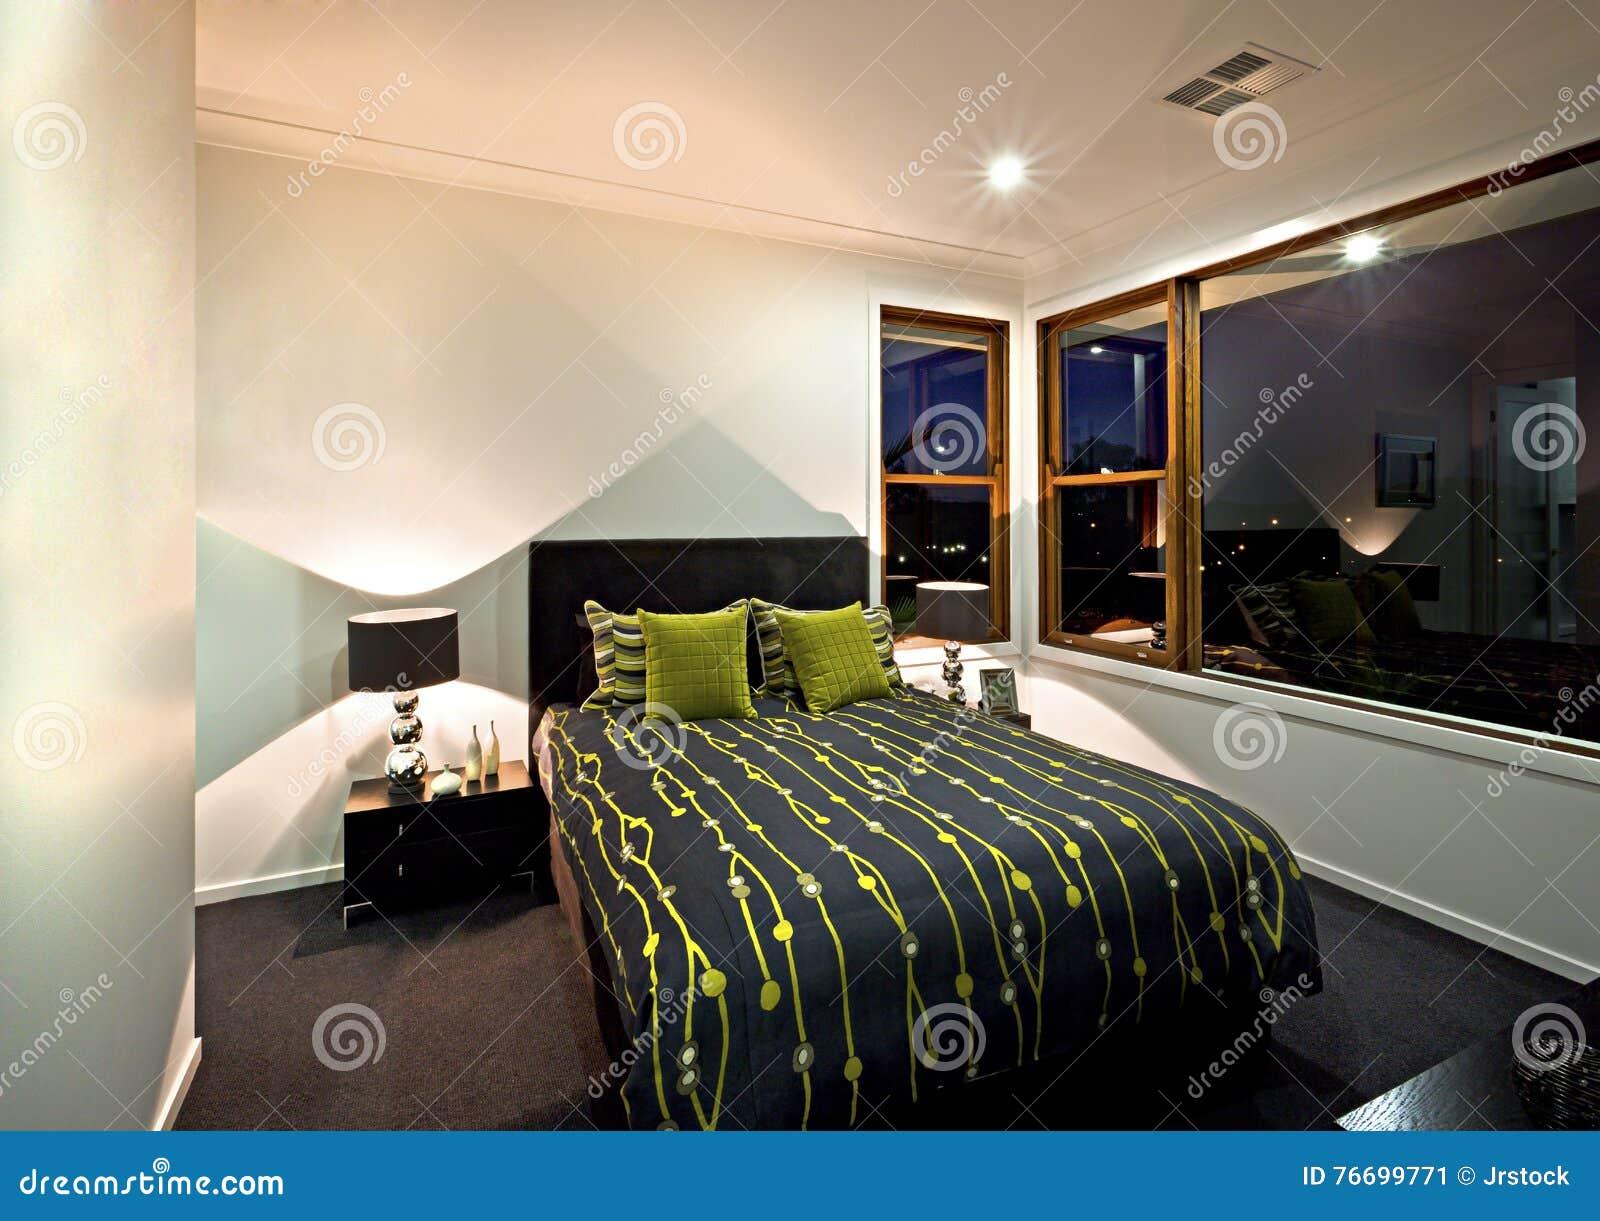 Colori Per Camera Da Letto Classica : Camera da letto classica con la decorazione nera di colore accanto